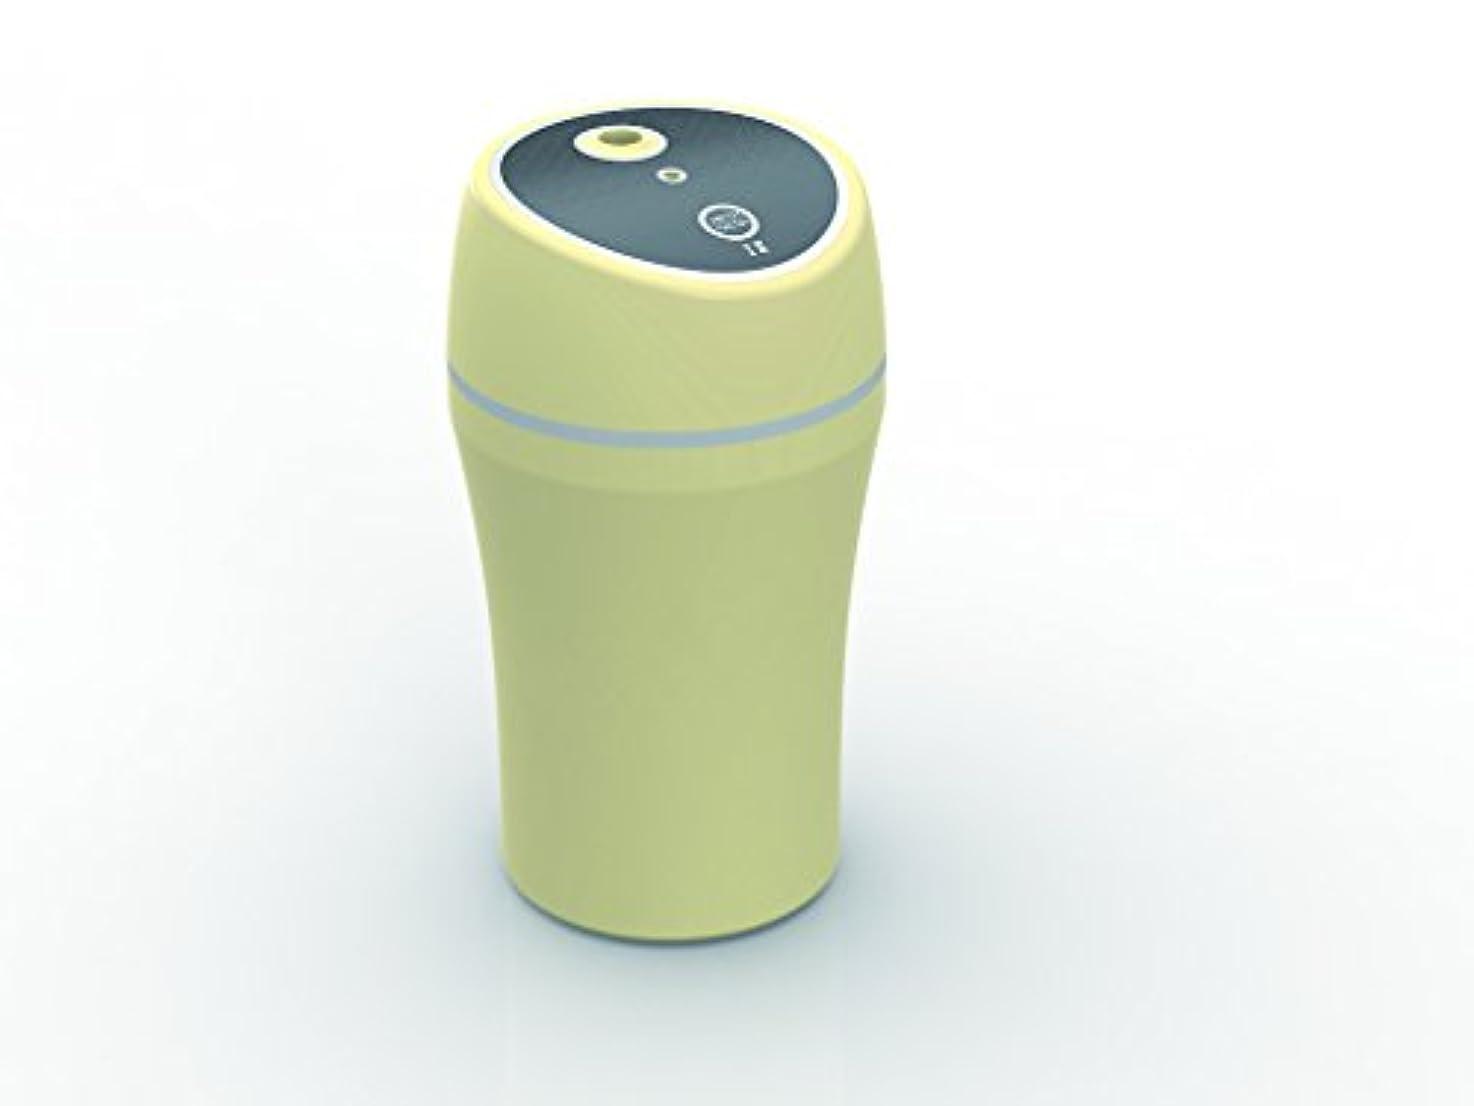 十分に熟す救援KEIYO 車でもオフィスでも自宅でも!DC/USB 2WAY対応 超音波式 USBミニ加湿器 AN-S014 ROOM&CAR アロマディフューザー 車載用加湿器 ドリンクホルダー収納タイプ 超音波式加湿器 (ベージュ)